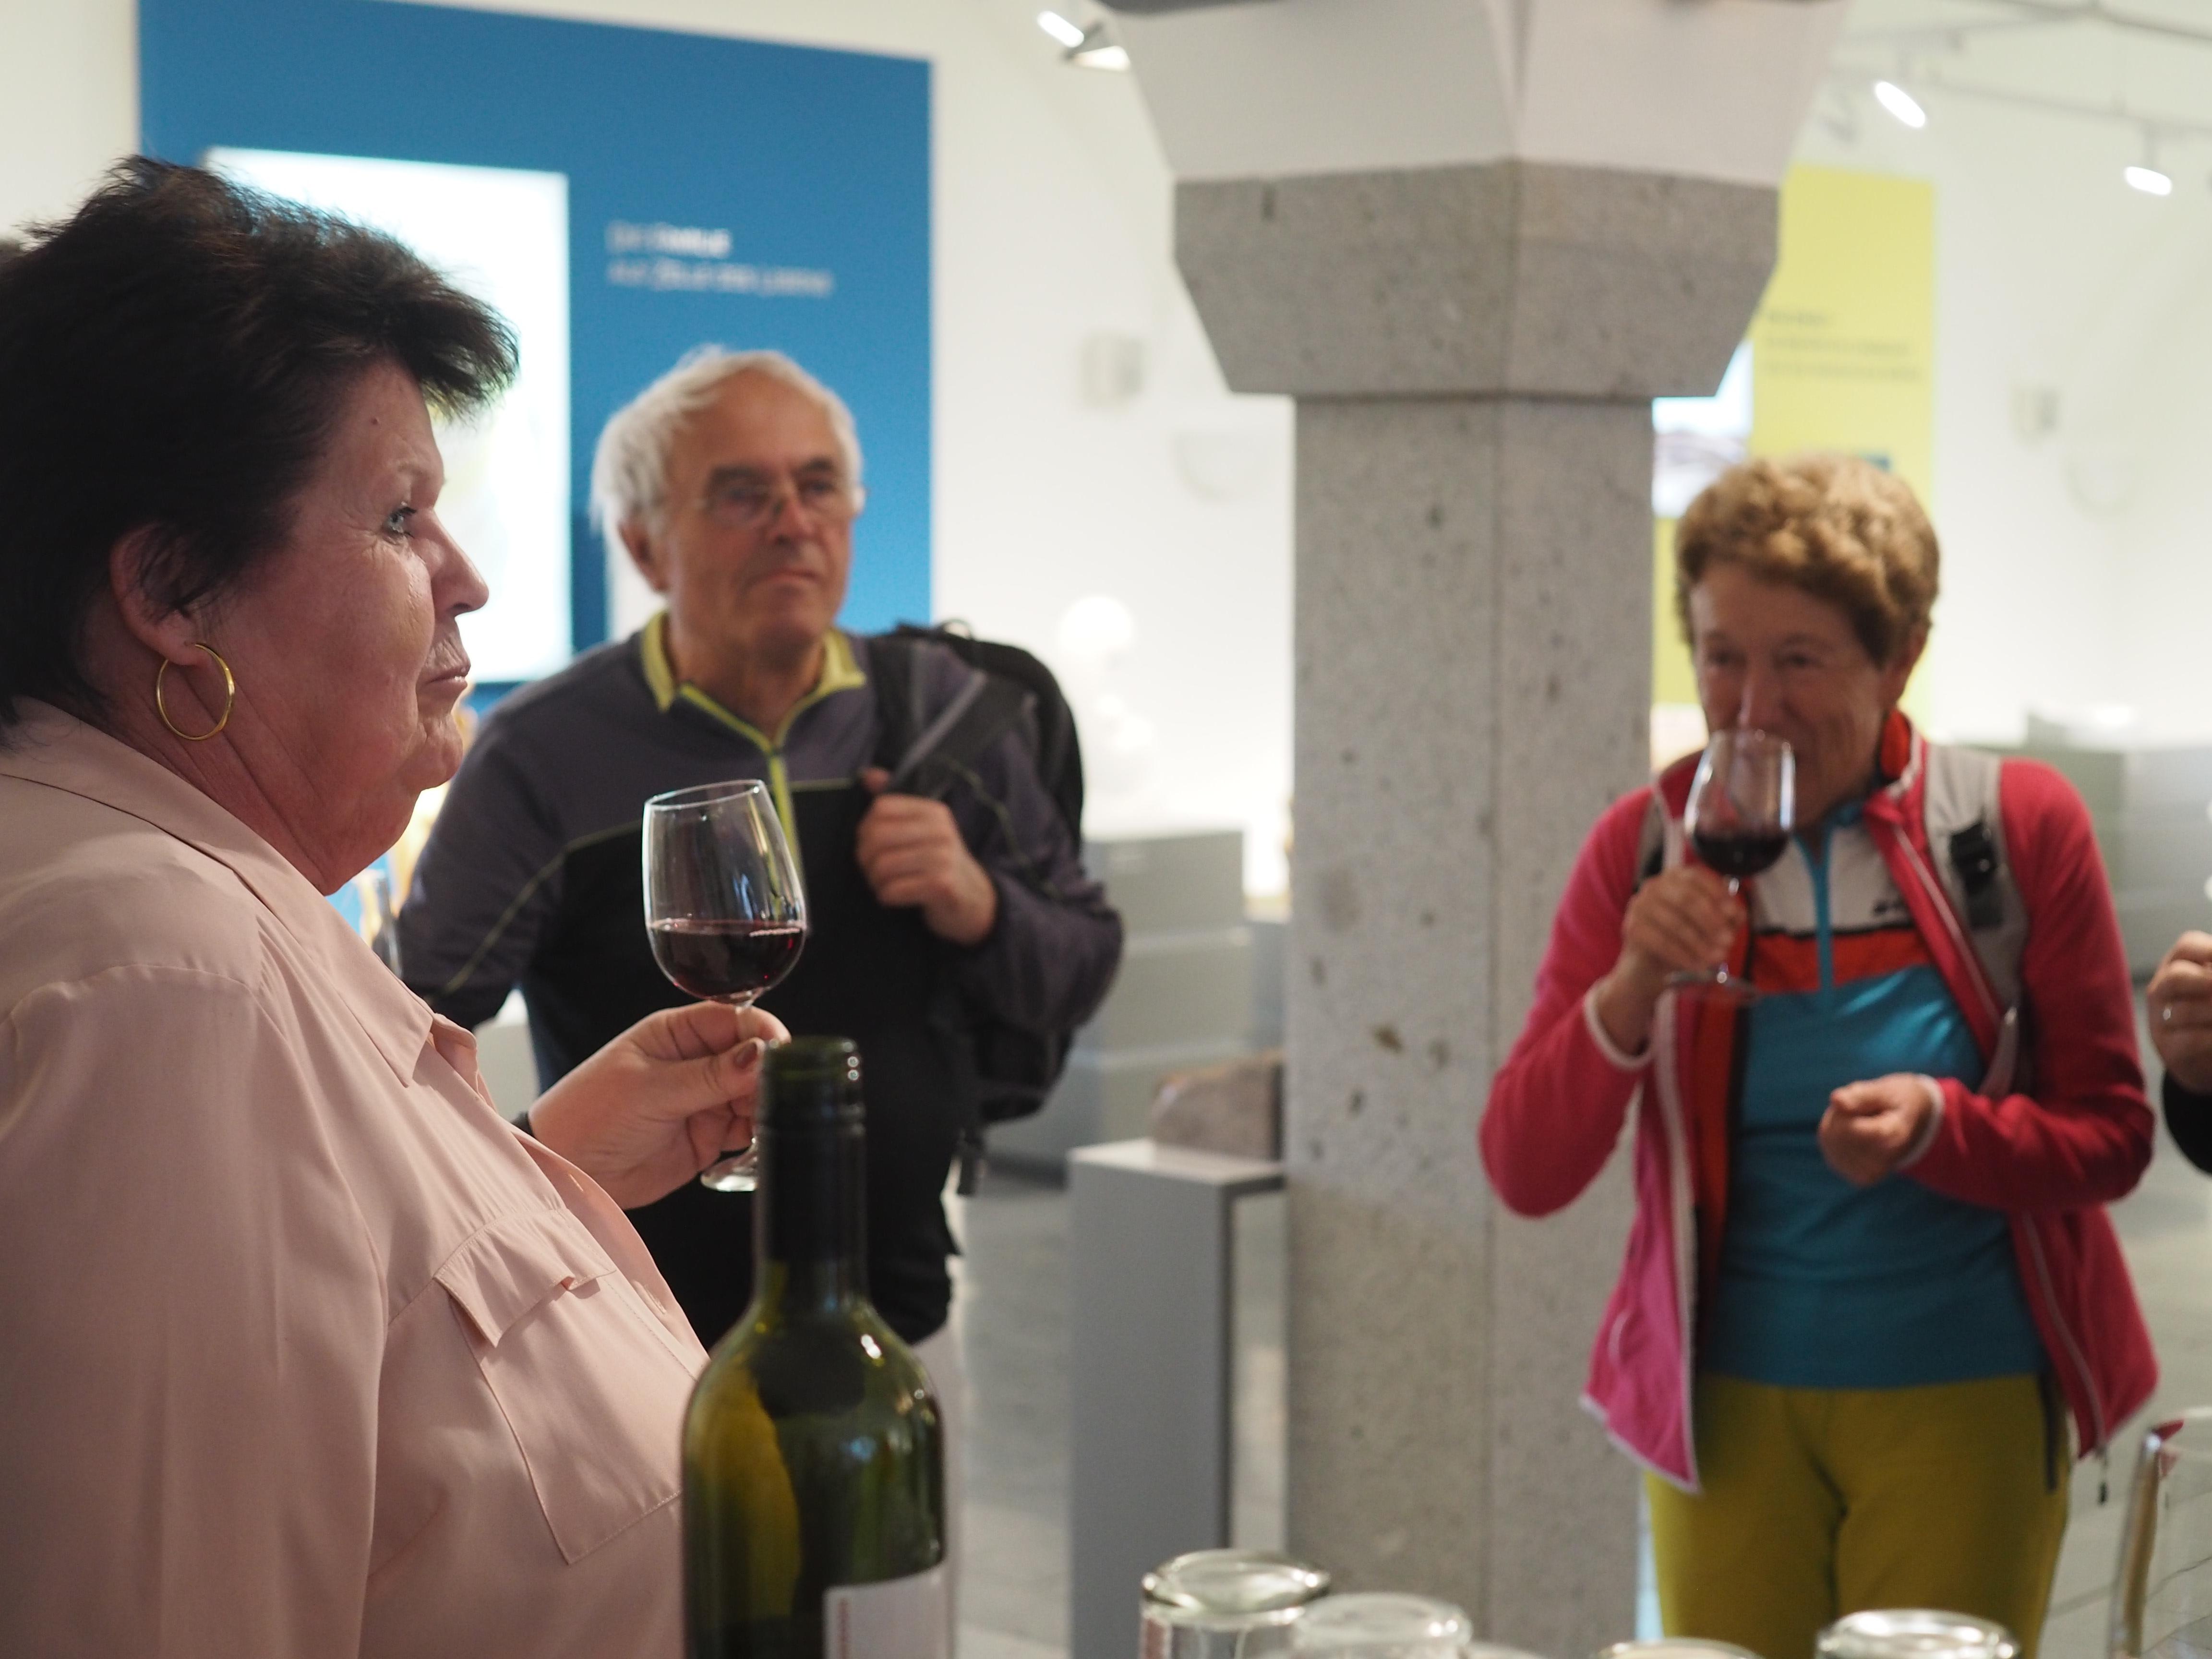 2018-05-05_Internationaler_Museumstag_Sonderführung_mit_Wein_(34)